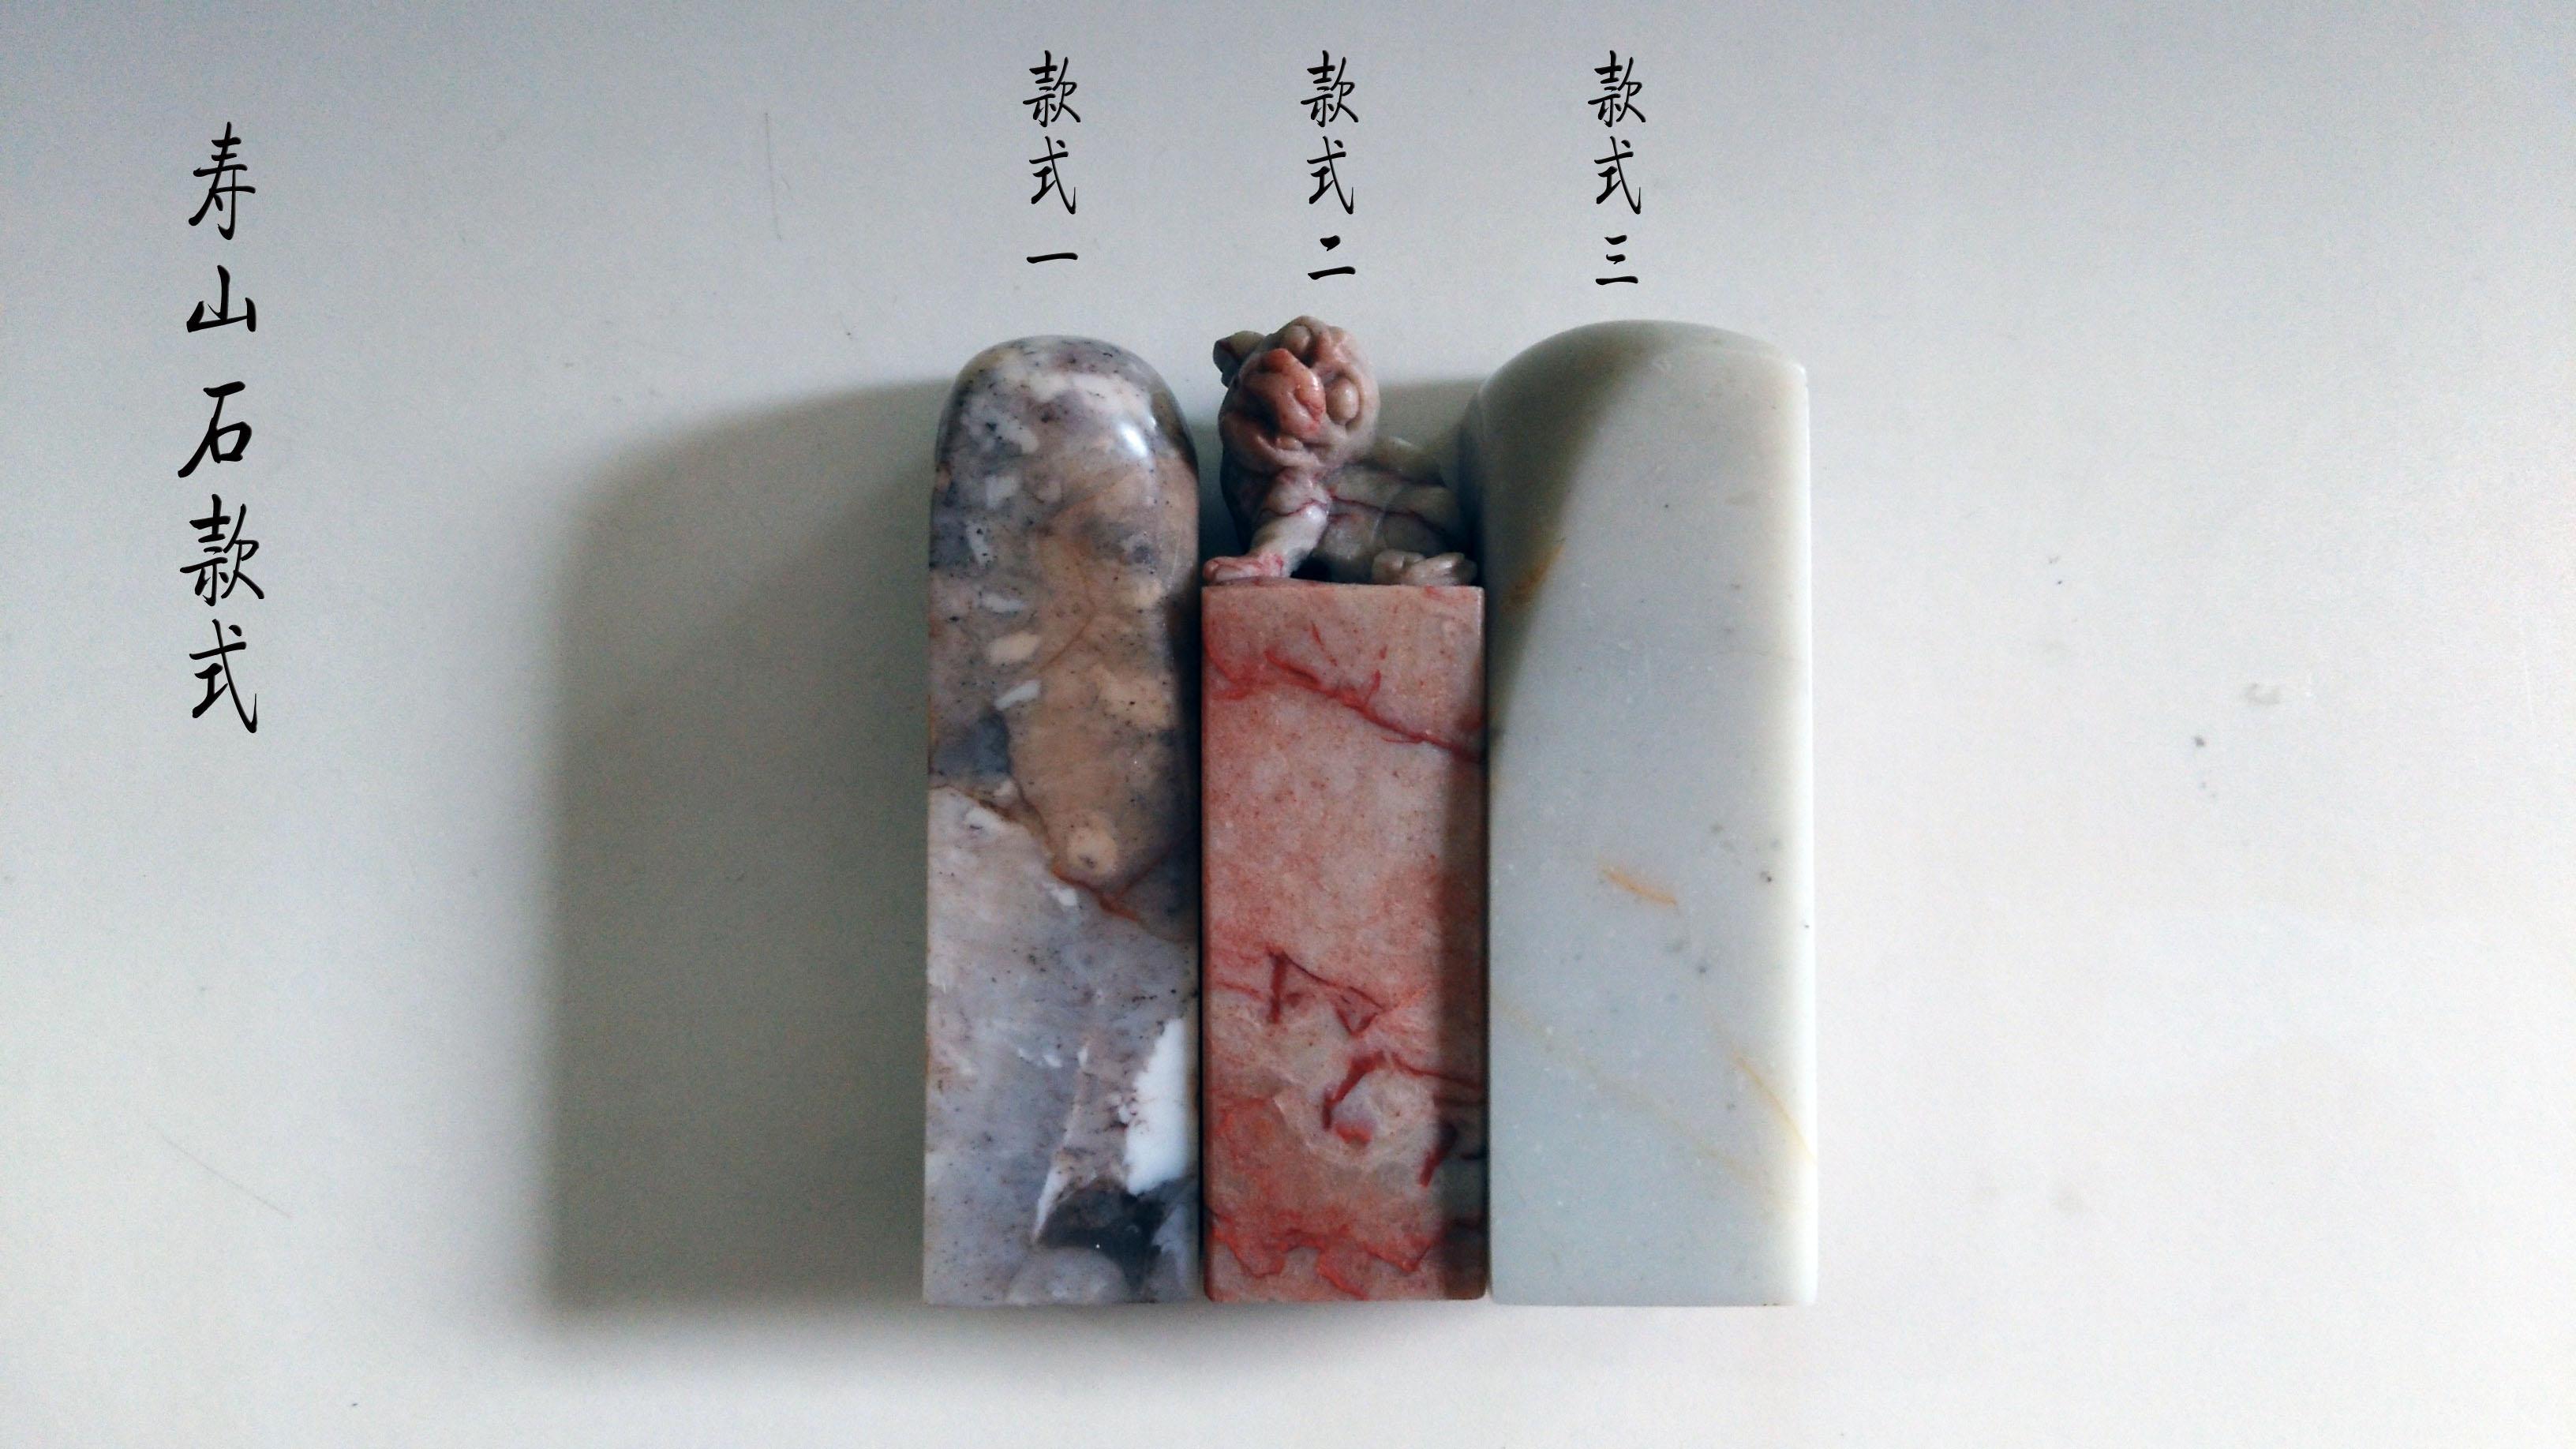 寿山石款式2副本.jpg